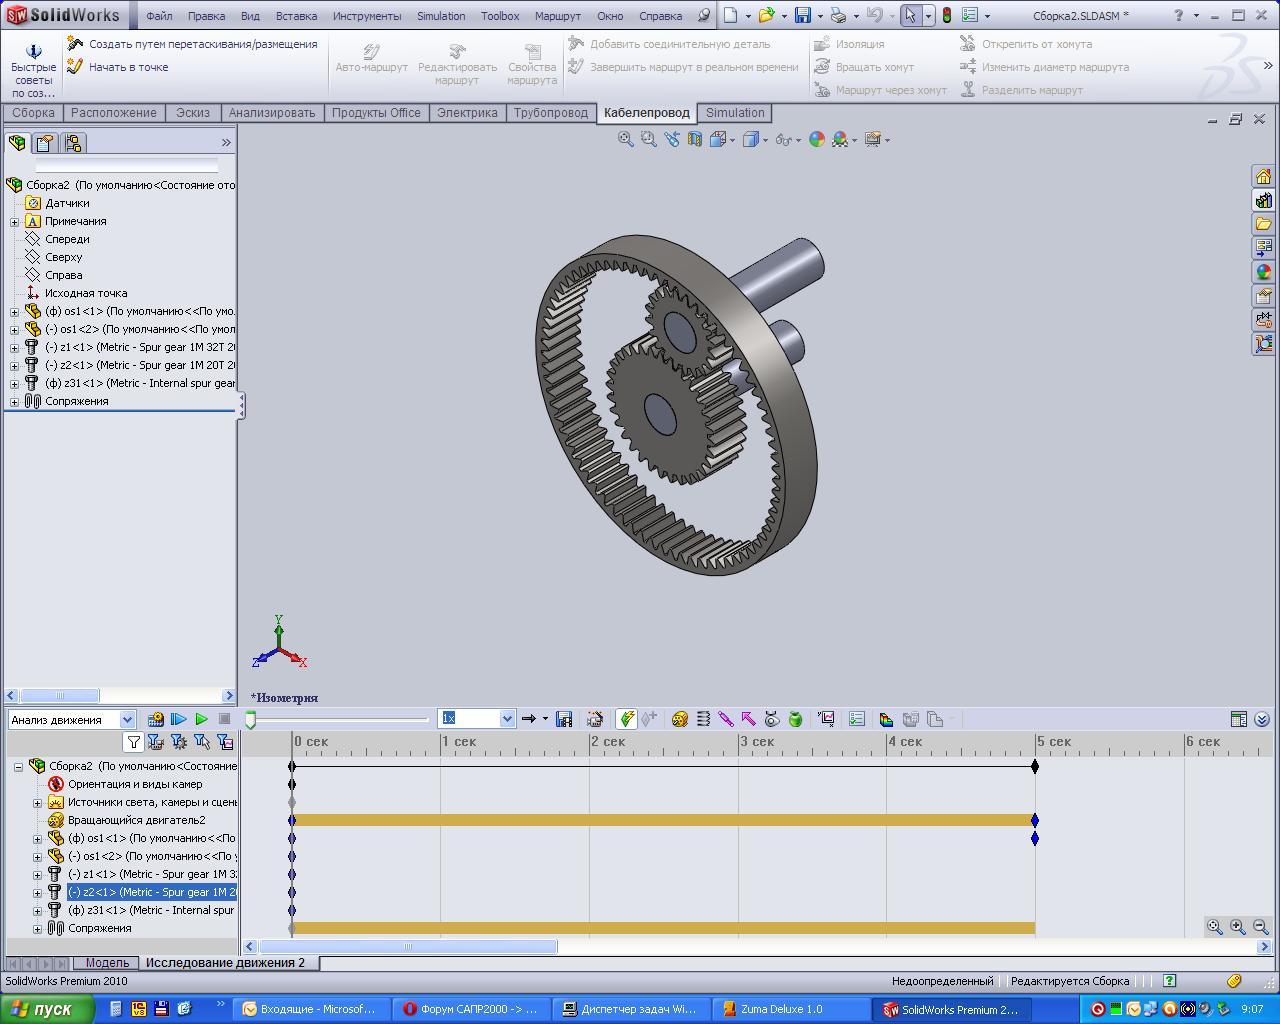 Solidworks 2011 sp5 ru 32bit + самоучитель solidworks (2012.